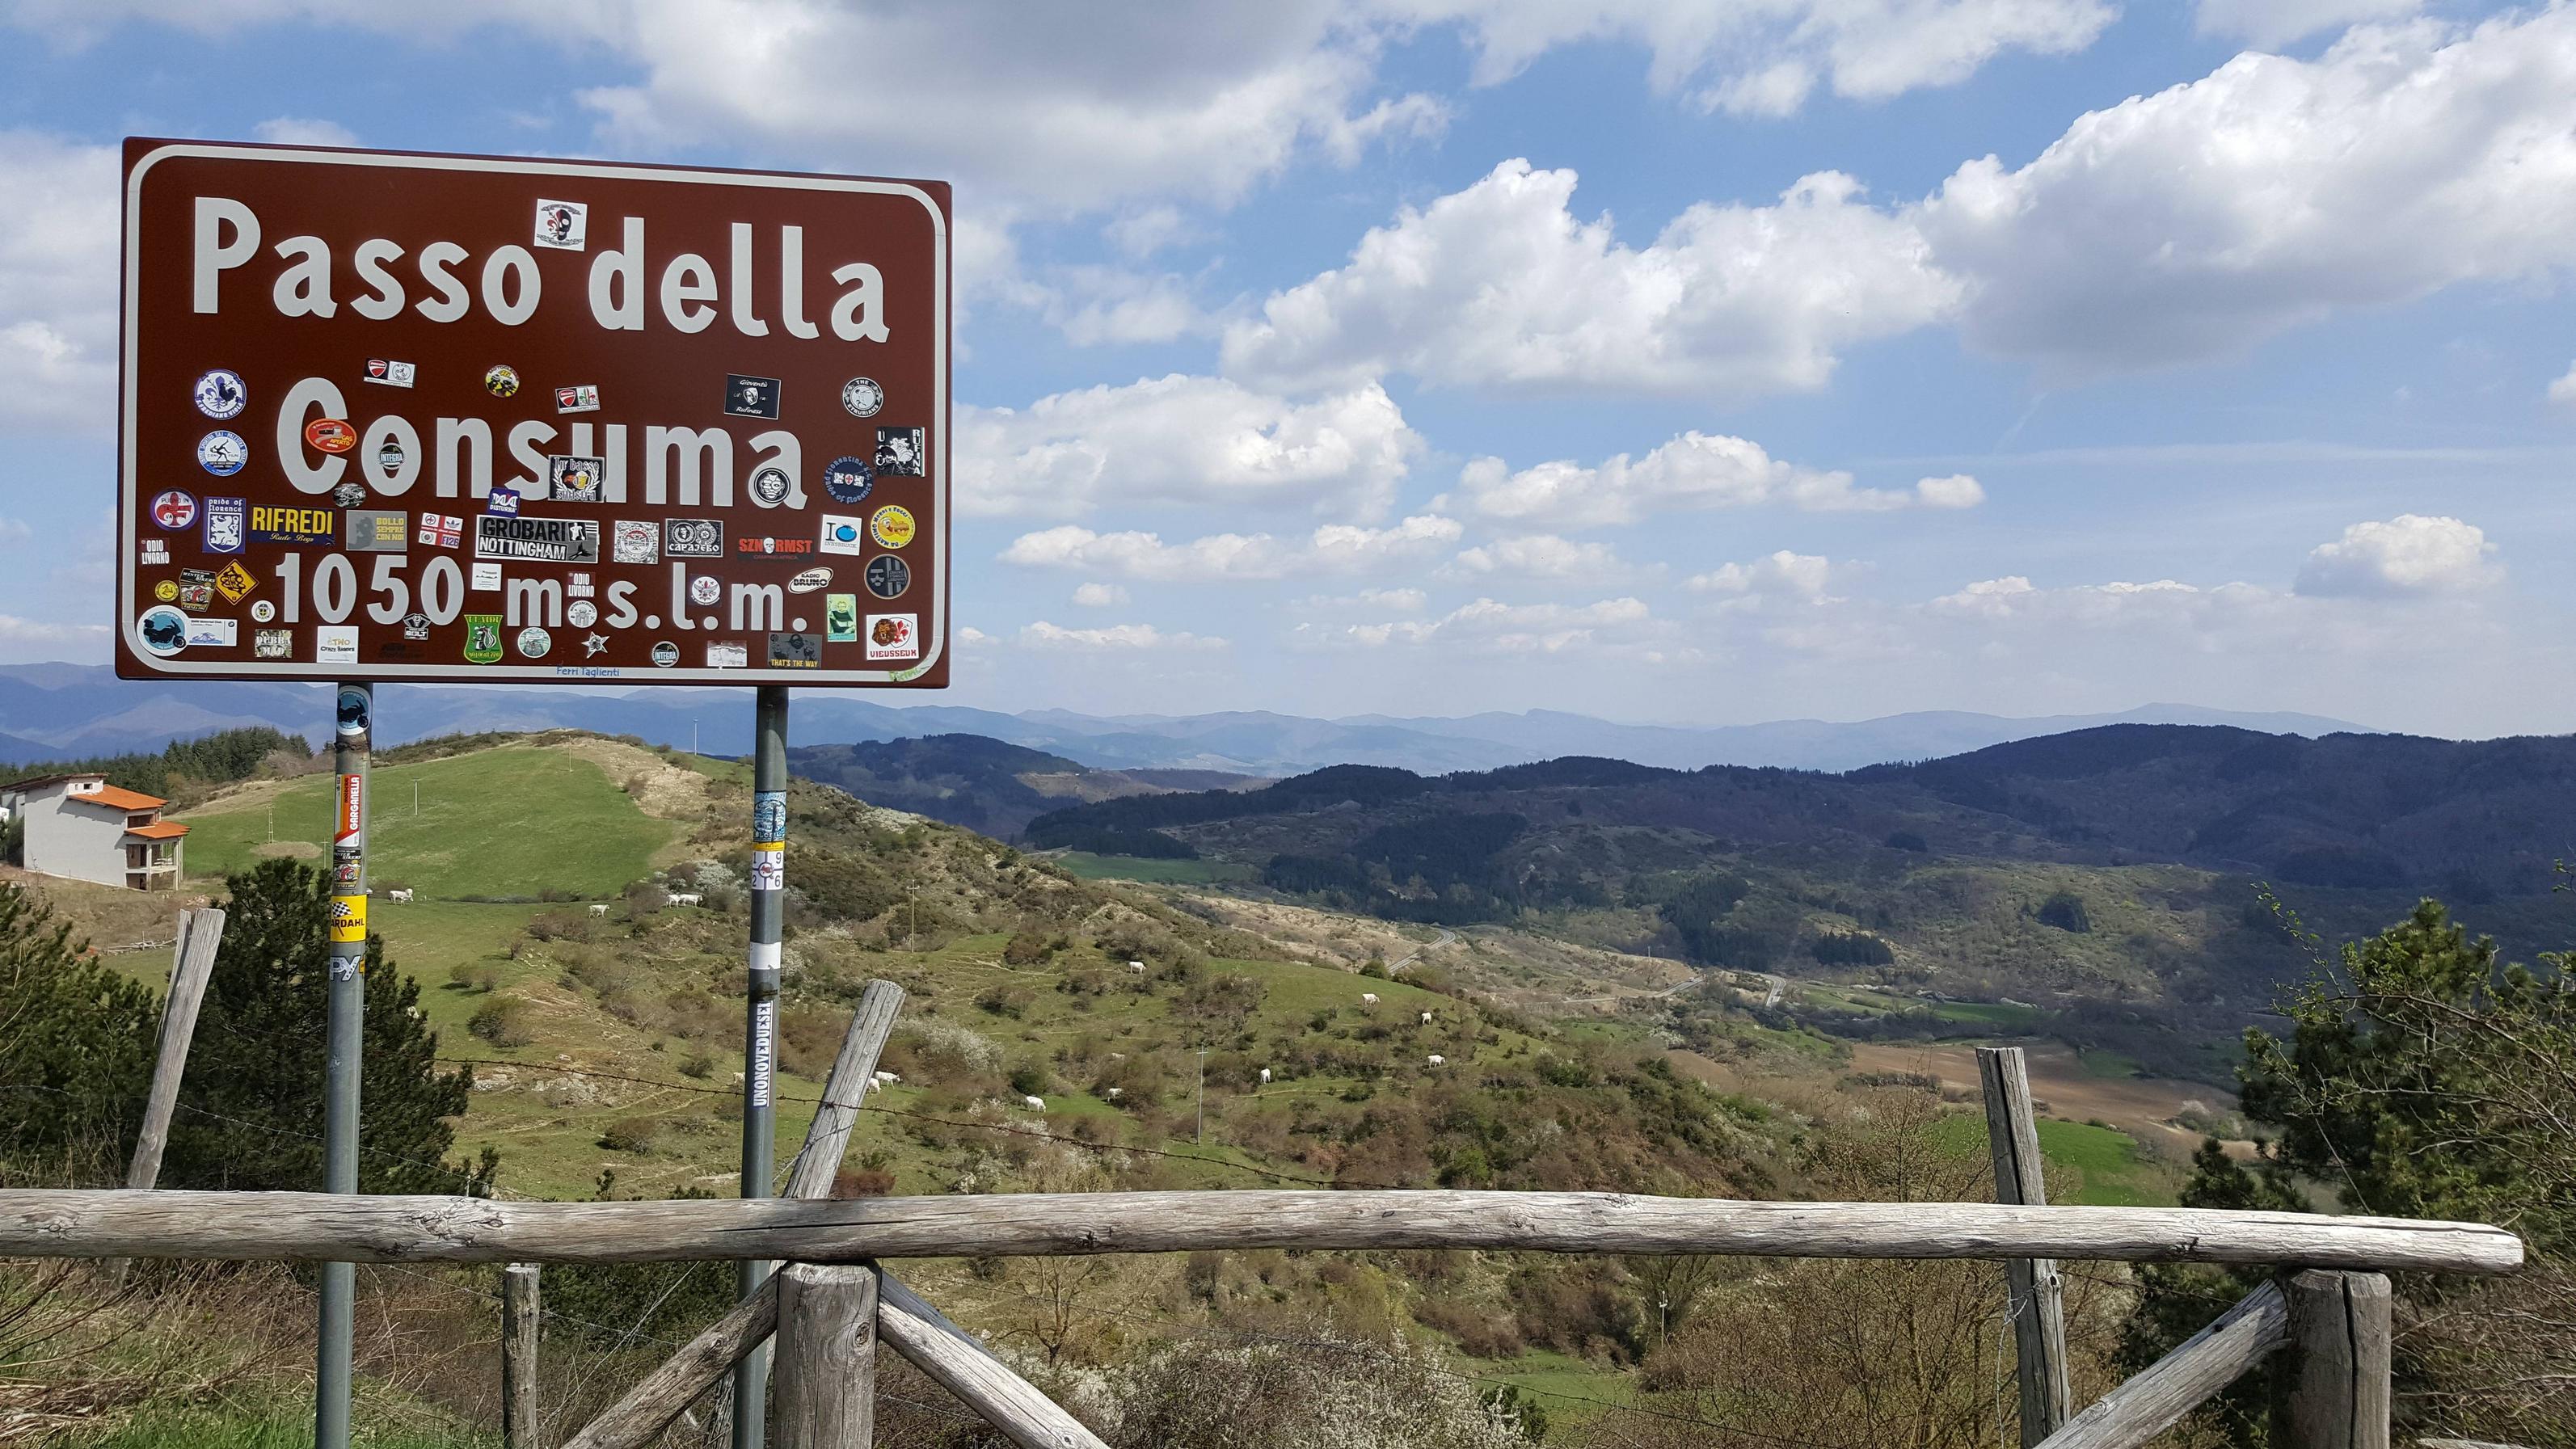 Bovenop de Passo della Consuma (Foto: Panoramio)